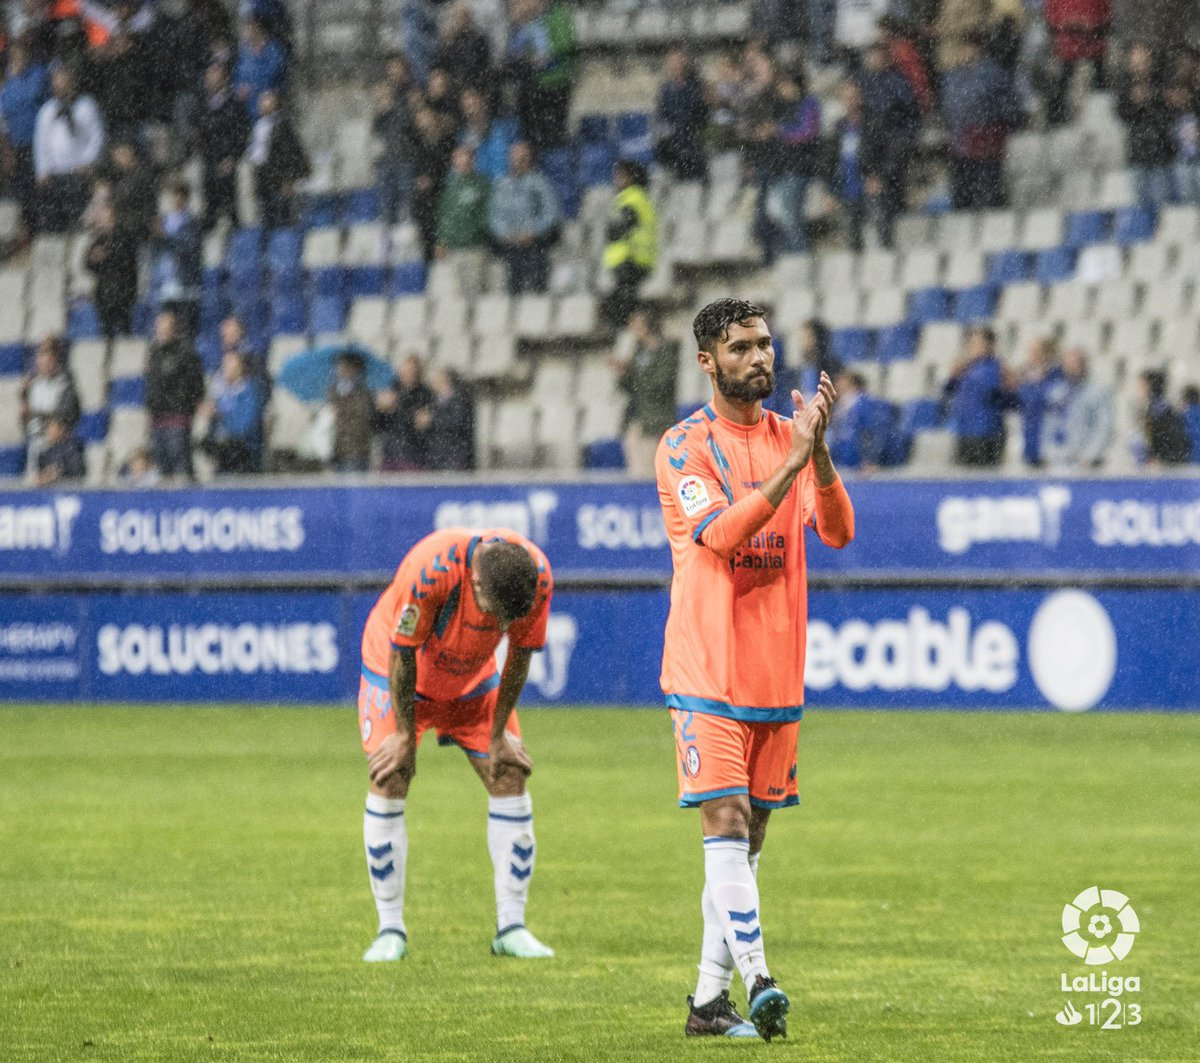 Fútbol Majadahonda: posesión y gol (Big Data), Ruibal se despide, Luis Milla (5M€), Benito regresa a Las Palmas